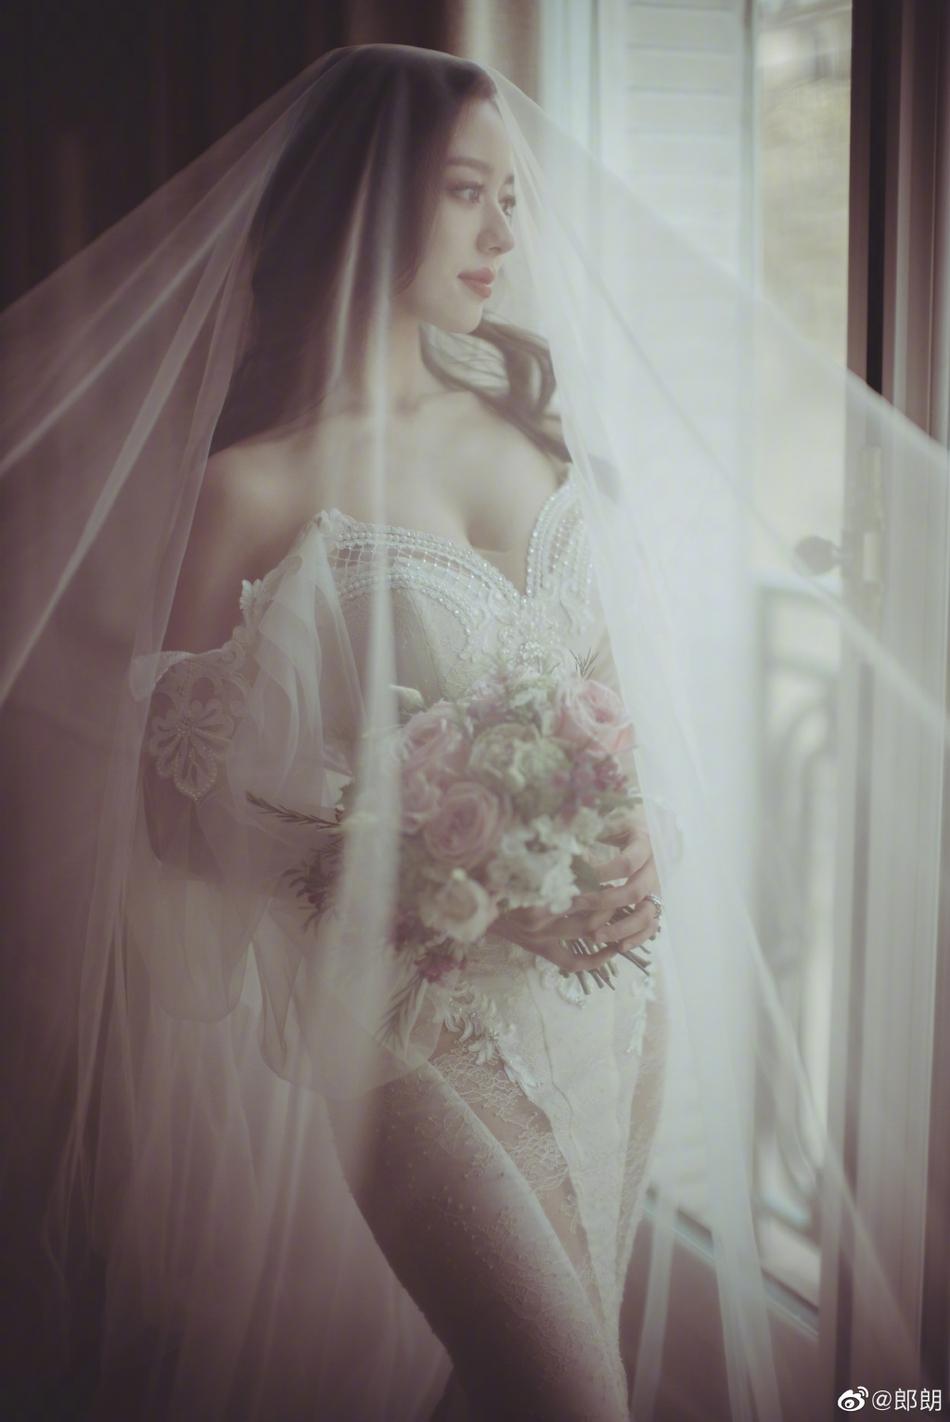 恭喜!郎朗晒照宣布结婚喜讯:找到我的爱丽丝啦